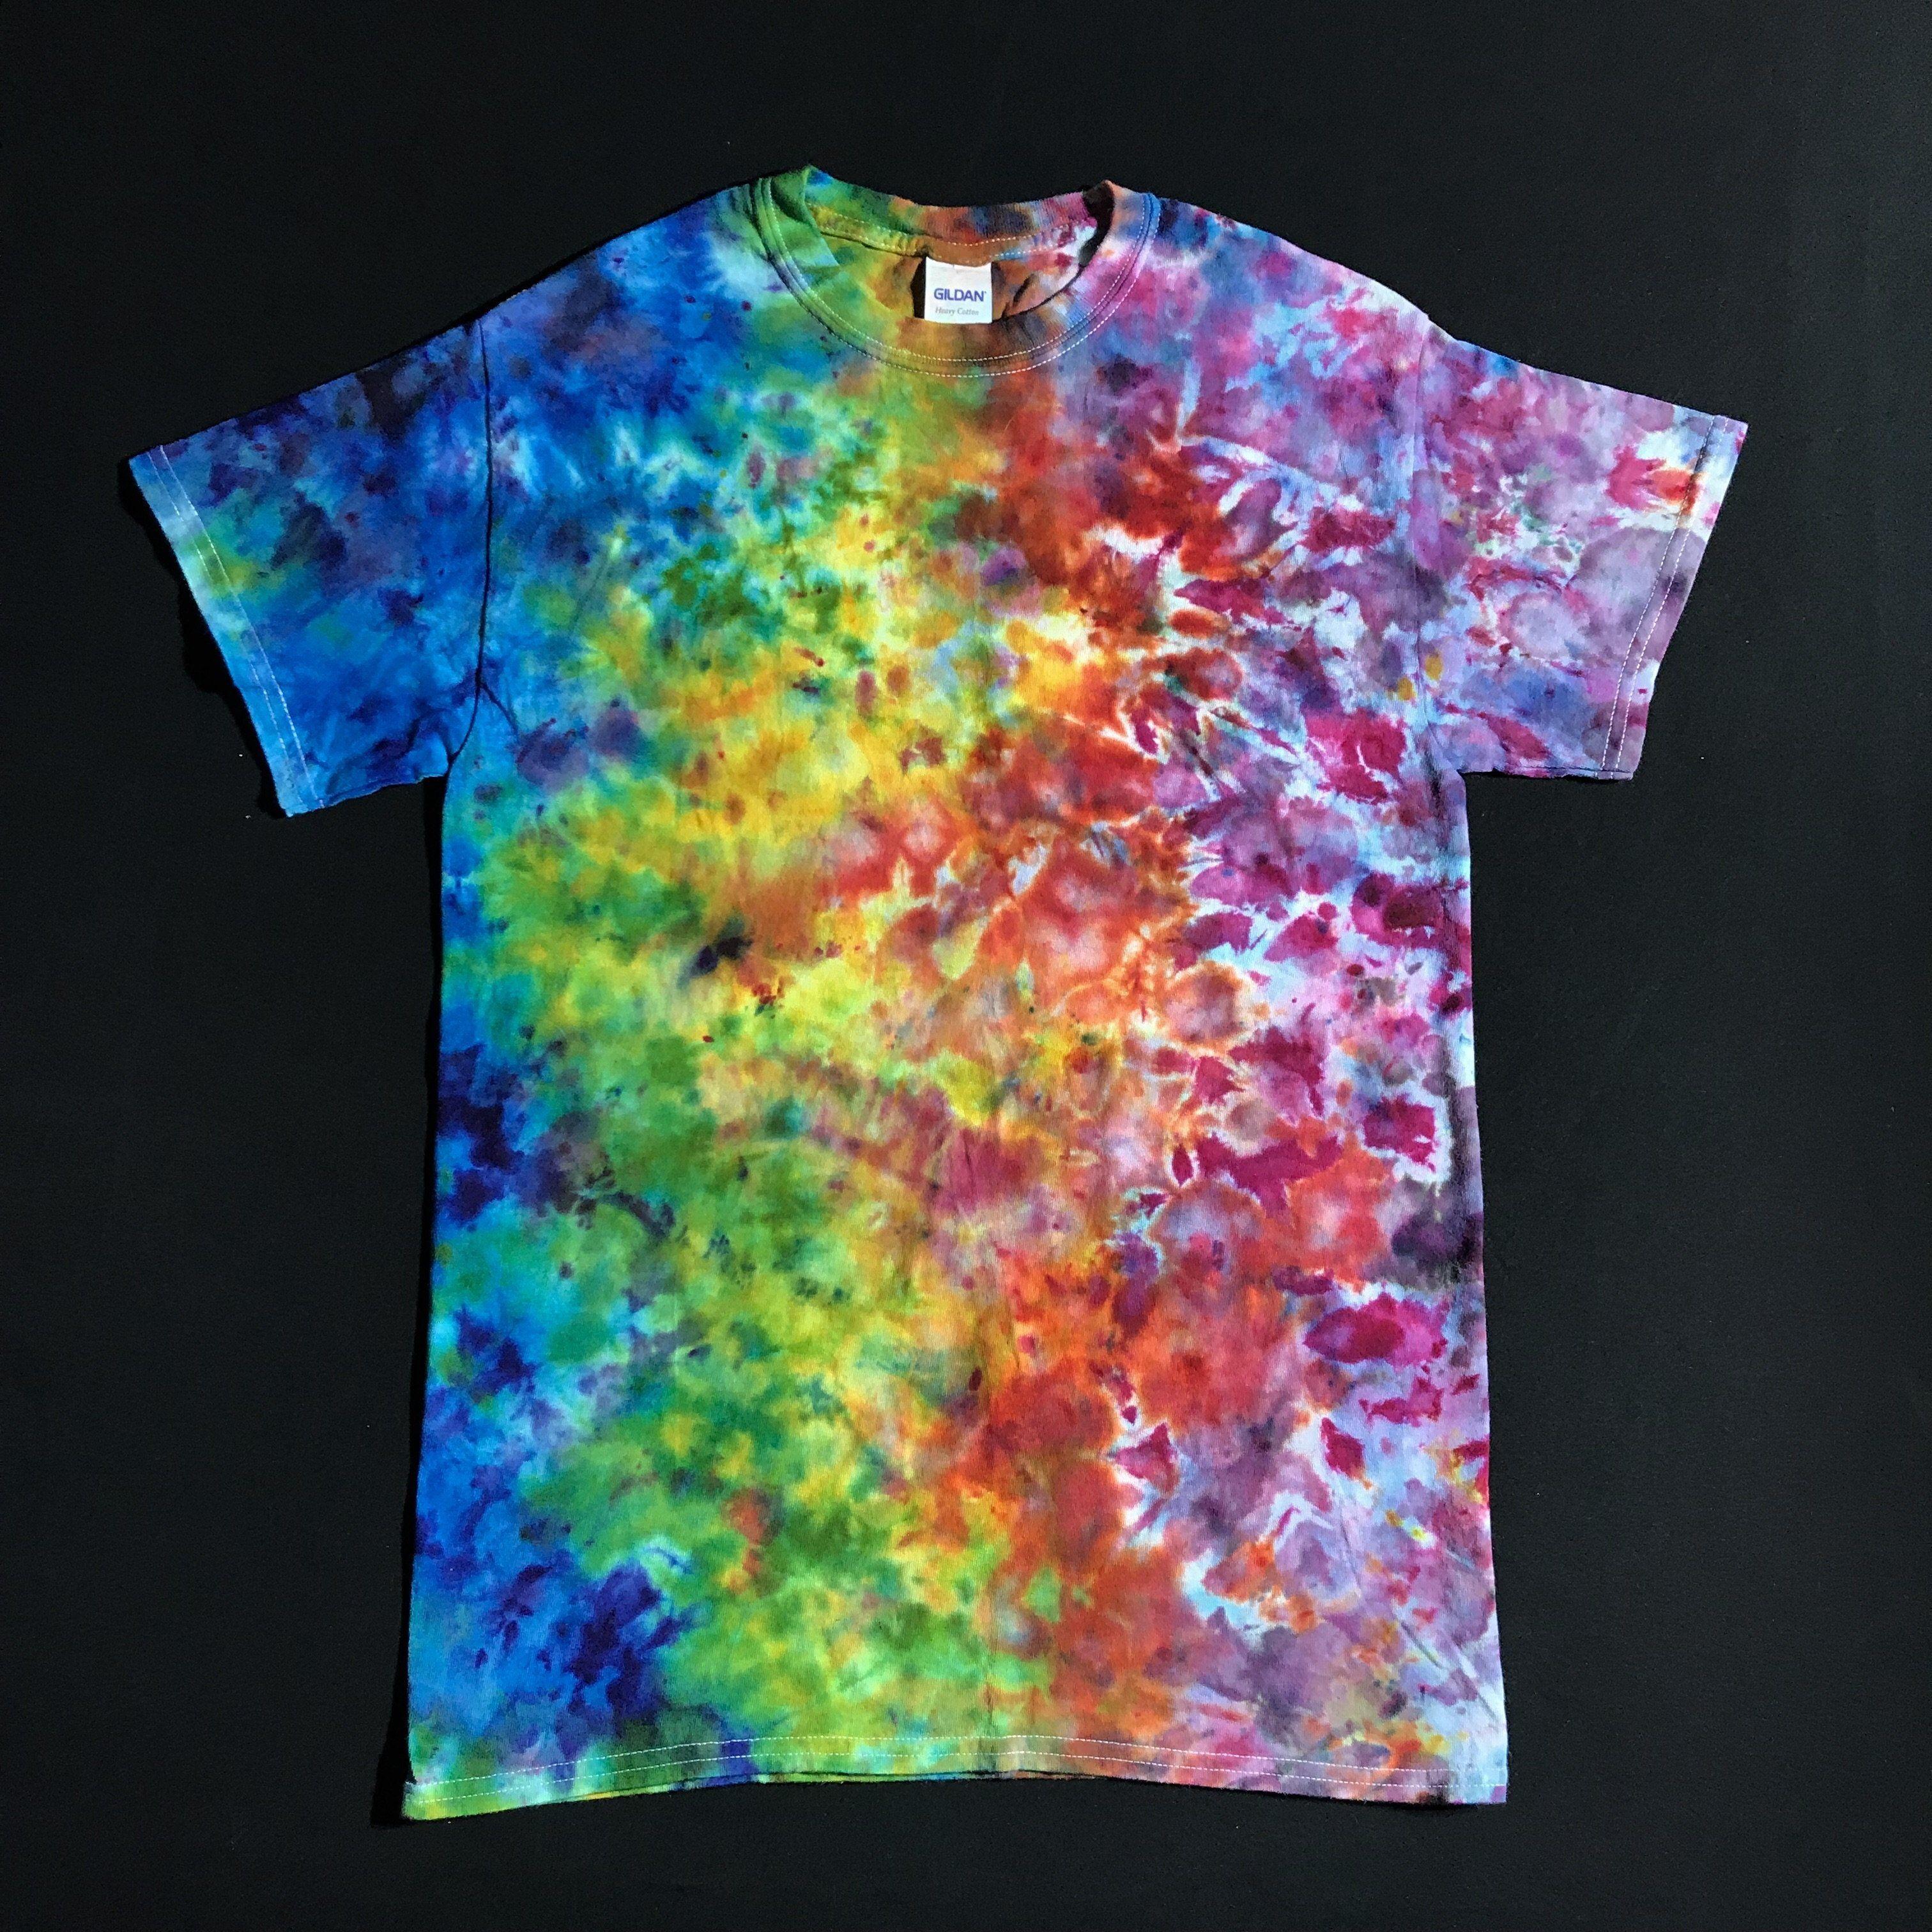 bd50a9810d0d1 Size Small Rainbow Splatter Ice Dye T-Shirt   Tie die   Tie dye ...